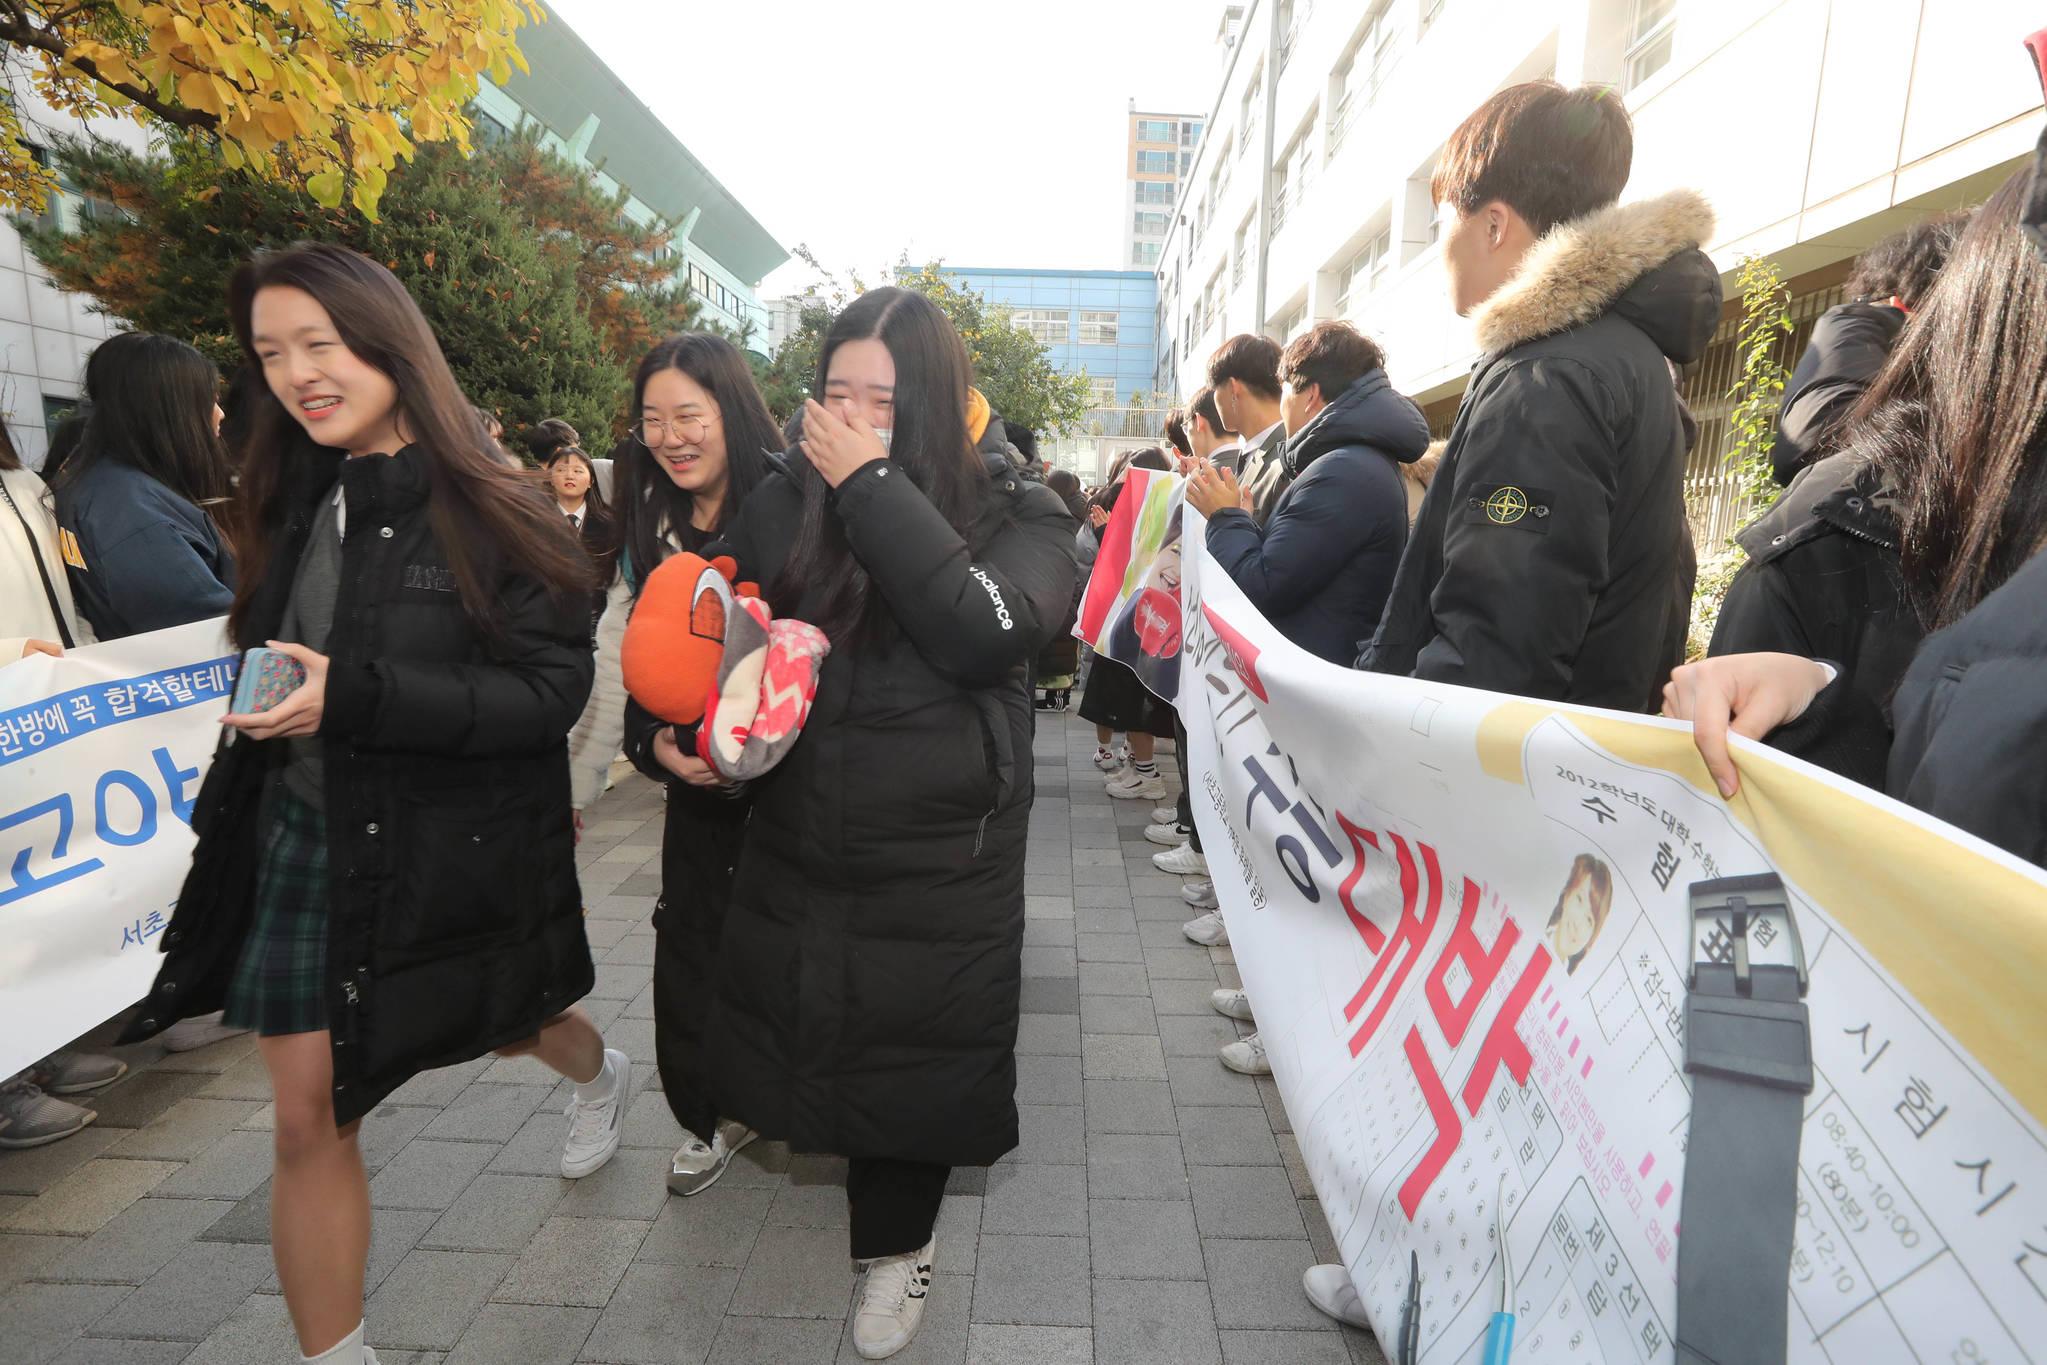 서울 서초고 여학생들이 길 양쪽에 도열한 후배들의 응원을 받고 있다. 신인섭 기자